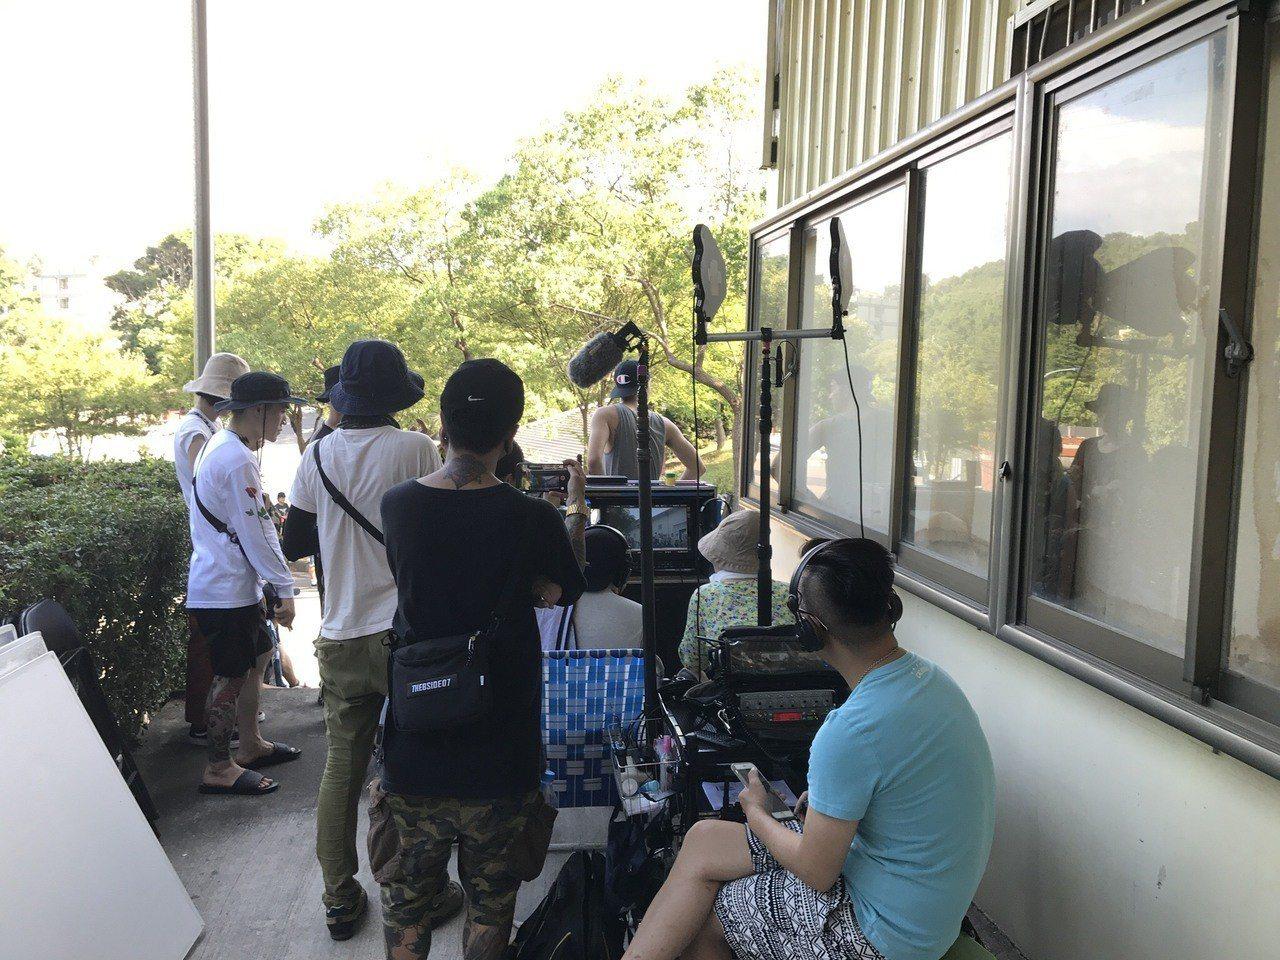 玄奘大學傳播學院學生參加電影「誰先愛上他的」劇組拍攝,從實作中累積經驗。 圖/玄...